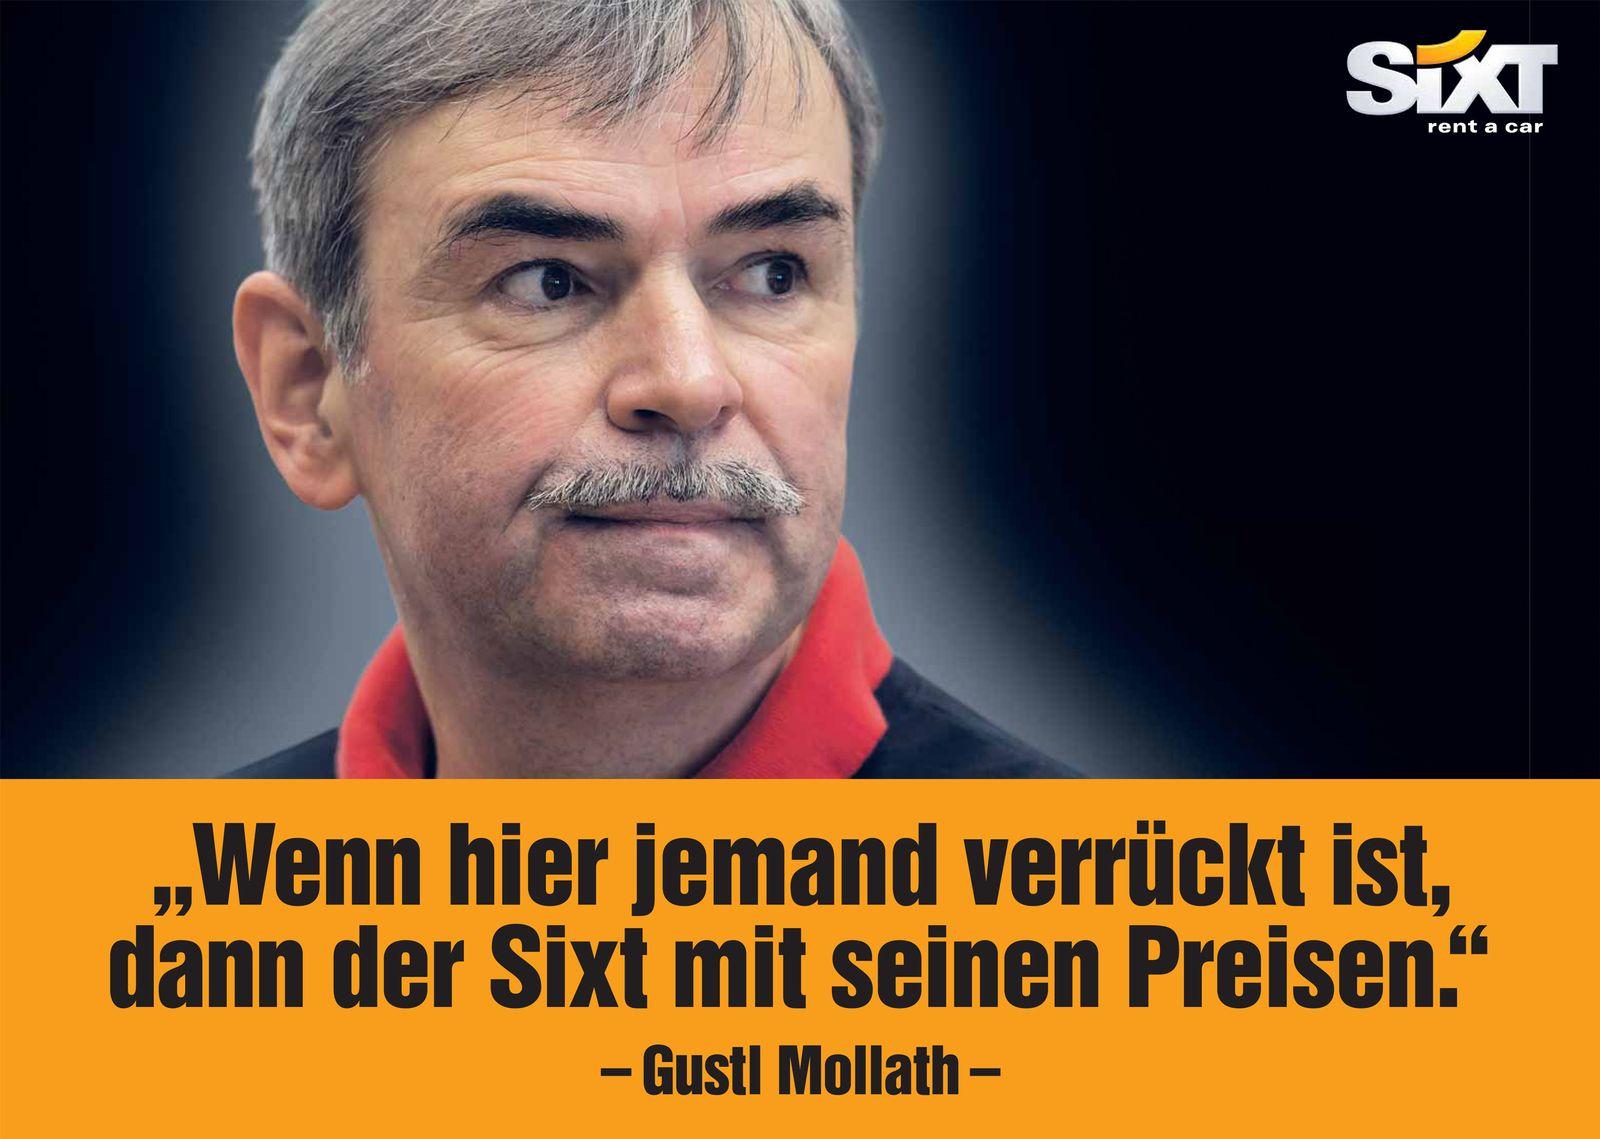 EINMALIGE VERWENDUNG Sixt-Werbung/ Gustl Mollath